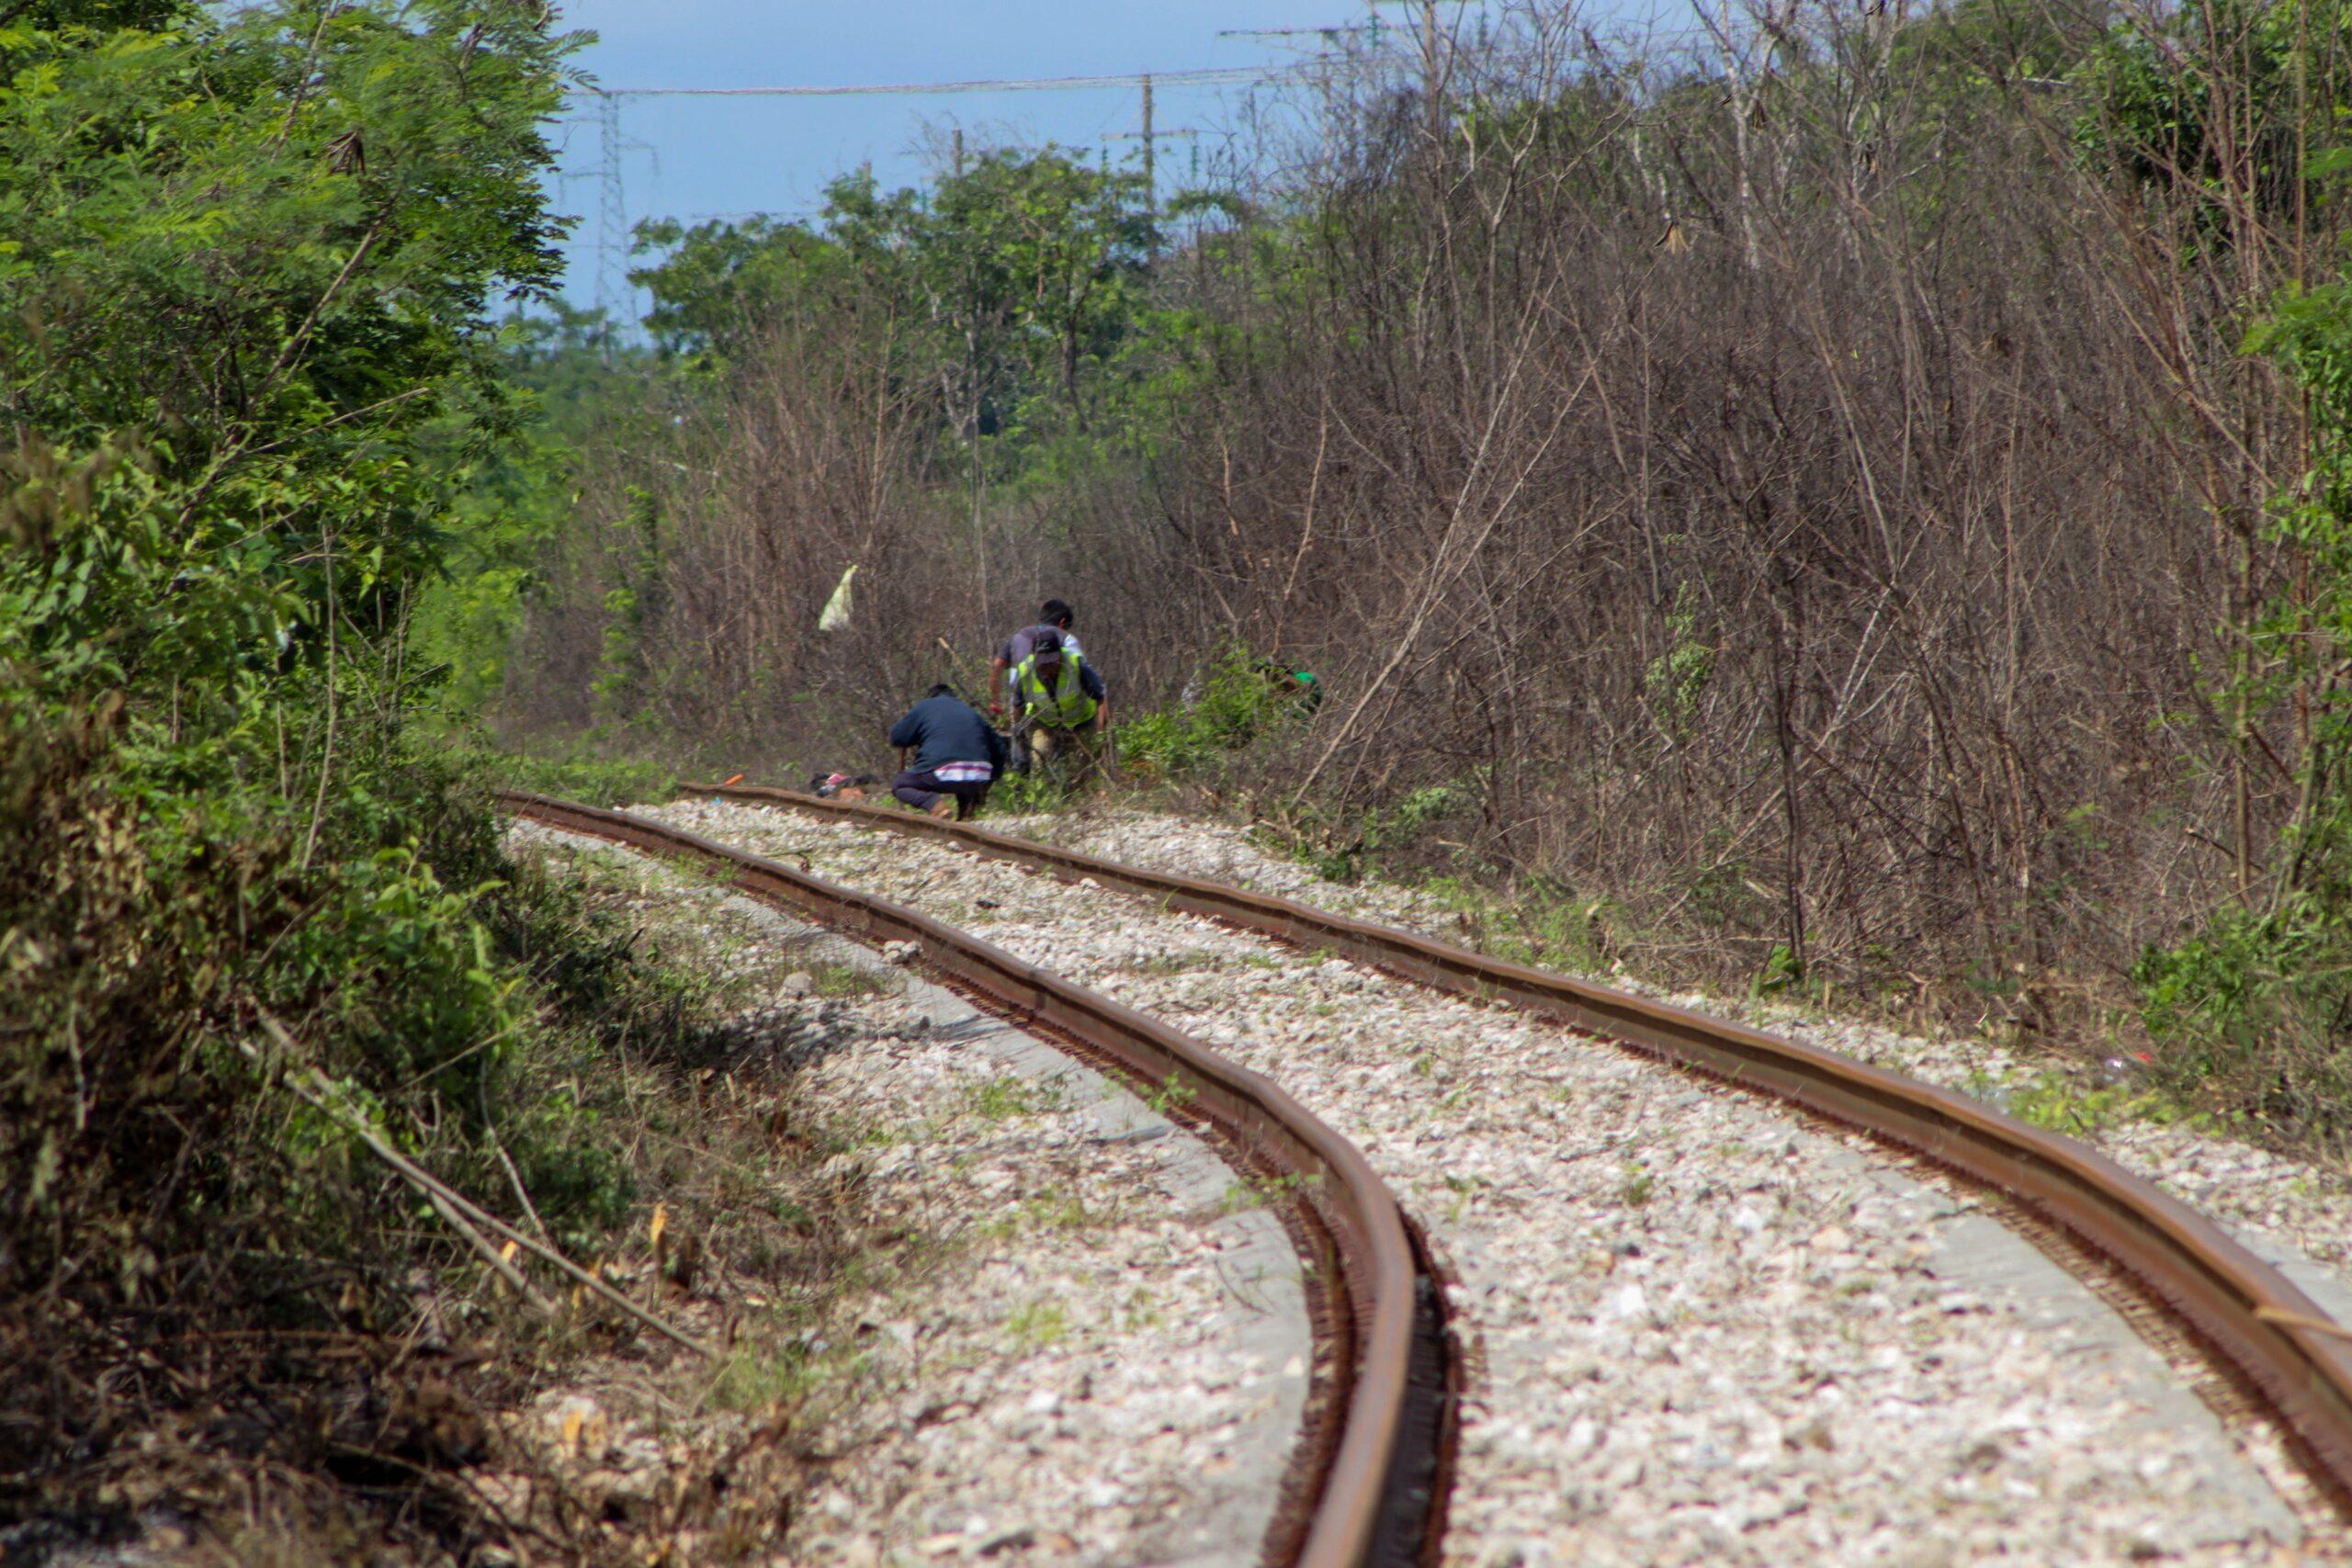 SUSPENSIÓN DEFINITIVA de obras del Tren Maya: Tramo Uno.